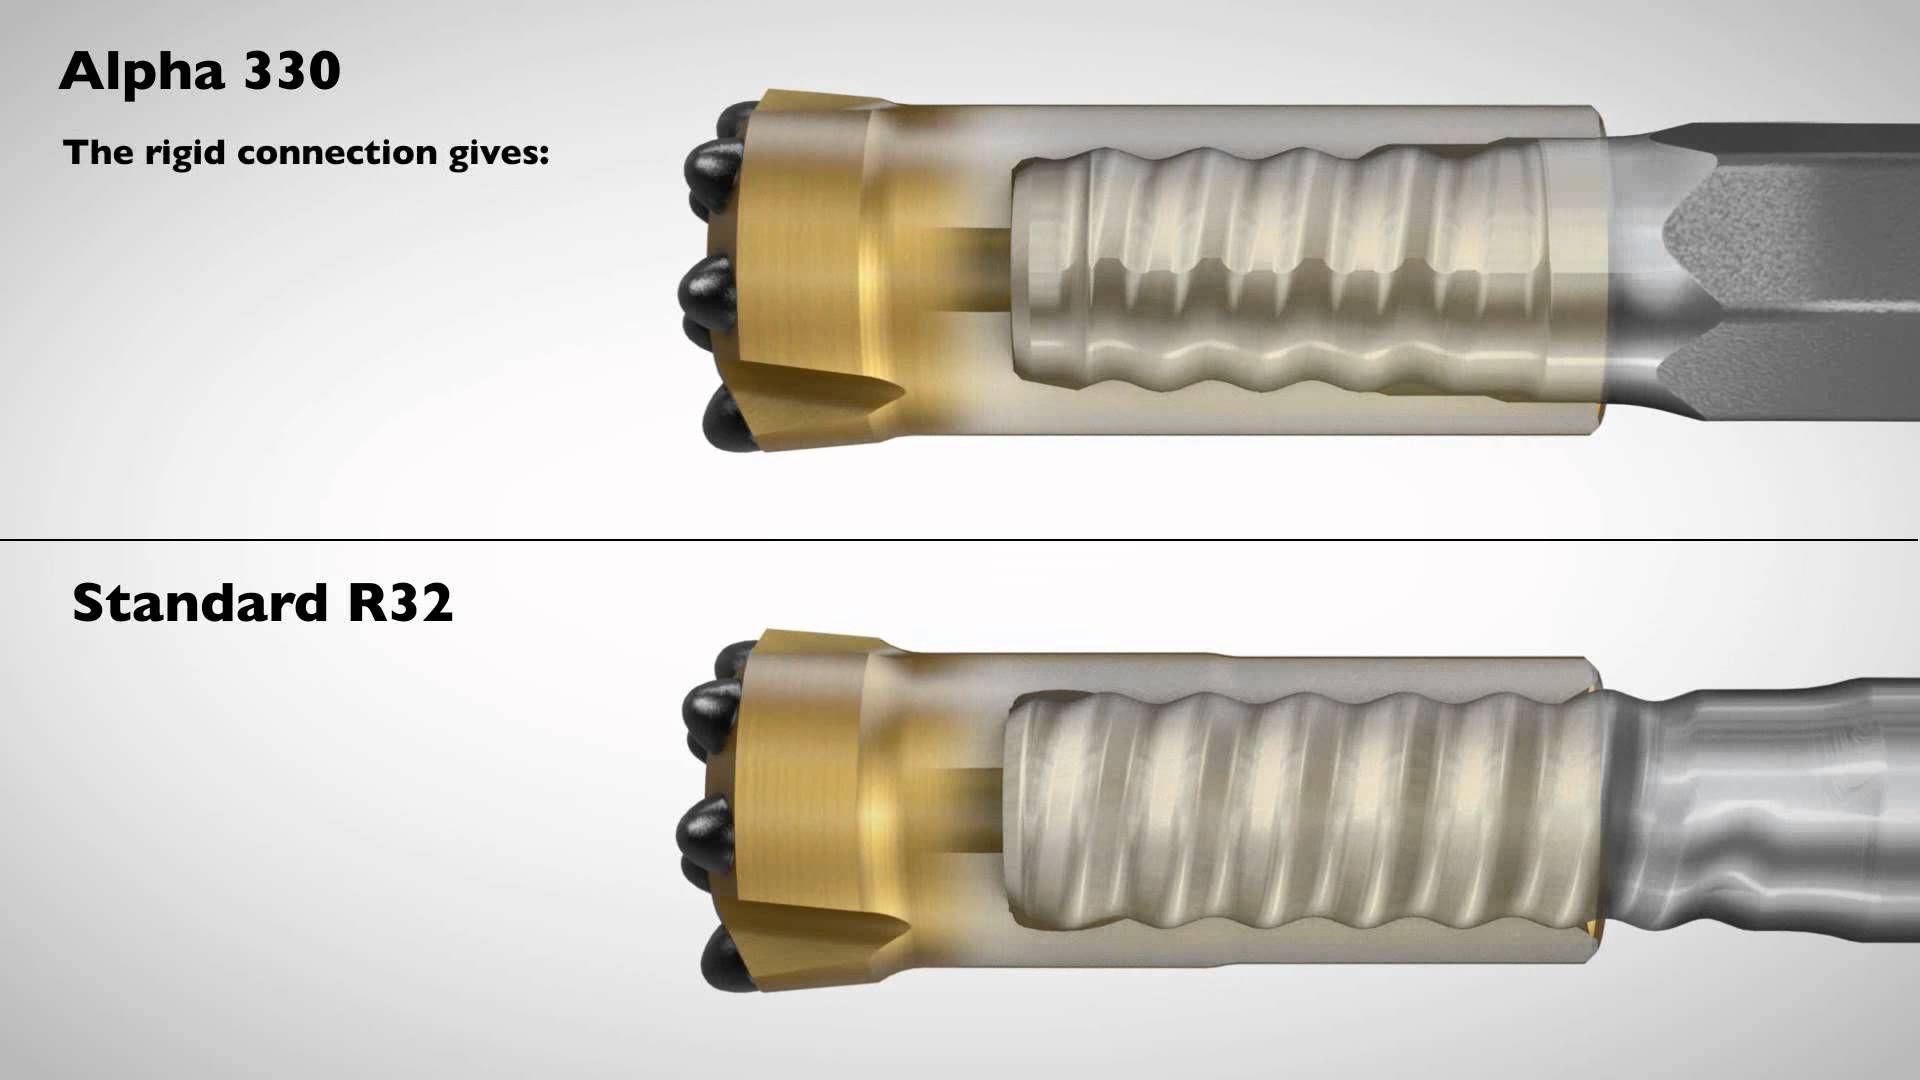 Sandvik Alpha 330 R32 Drifter Button Bits, R32 Drifting Rods